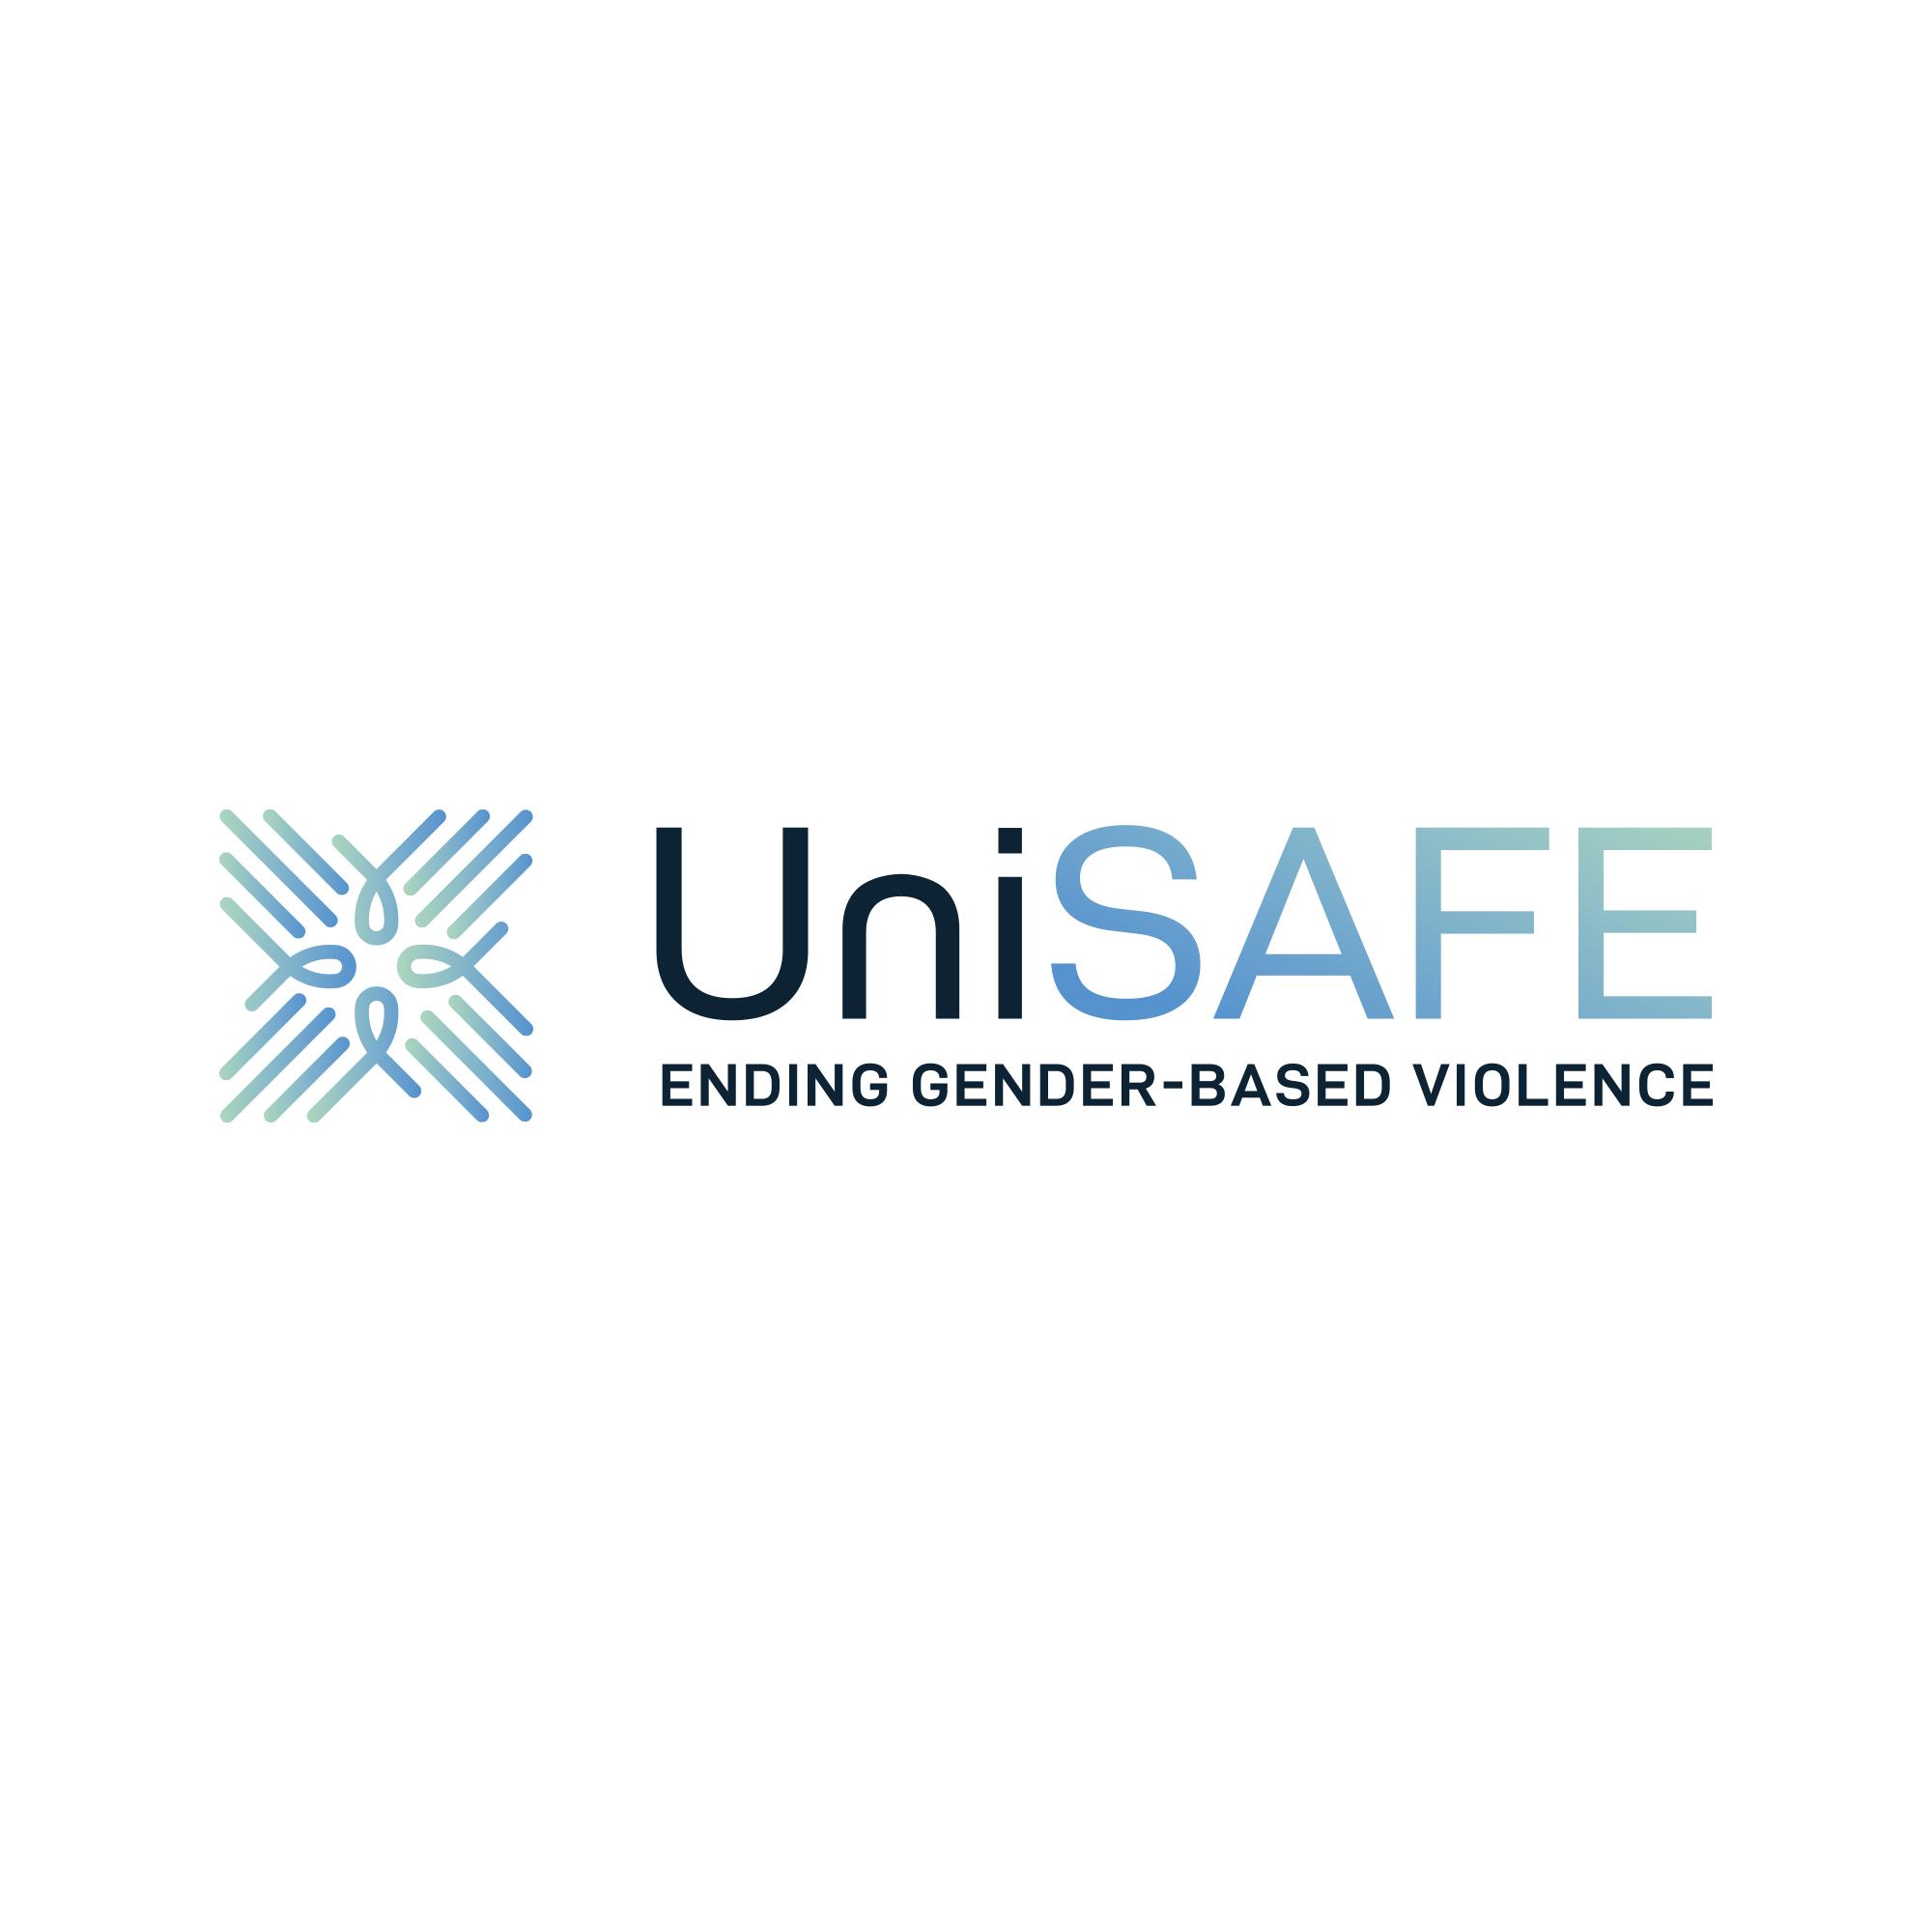 UniSAFE-LOGO-whitebg